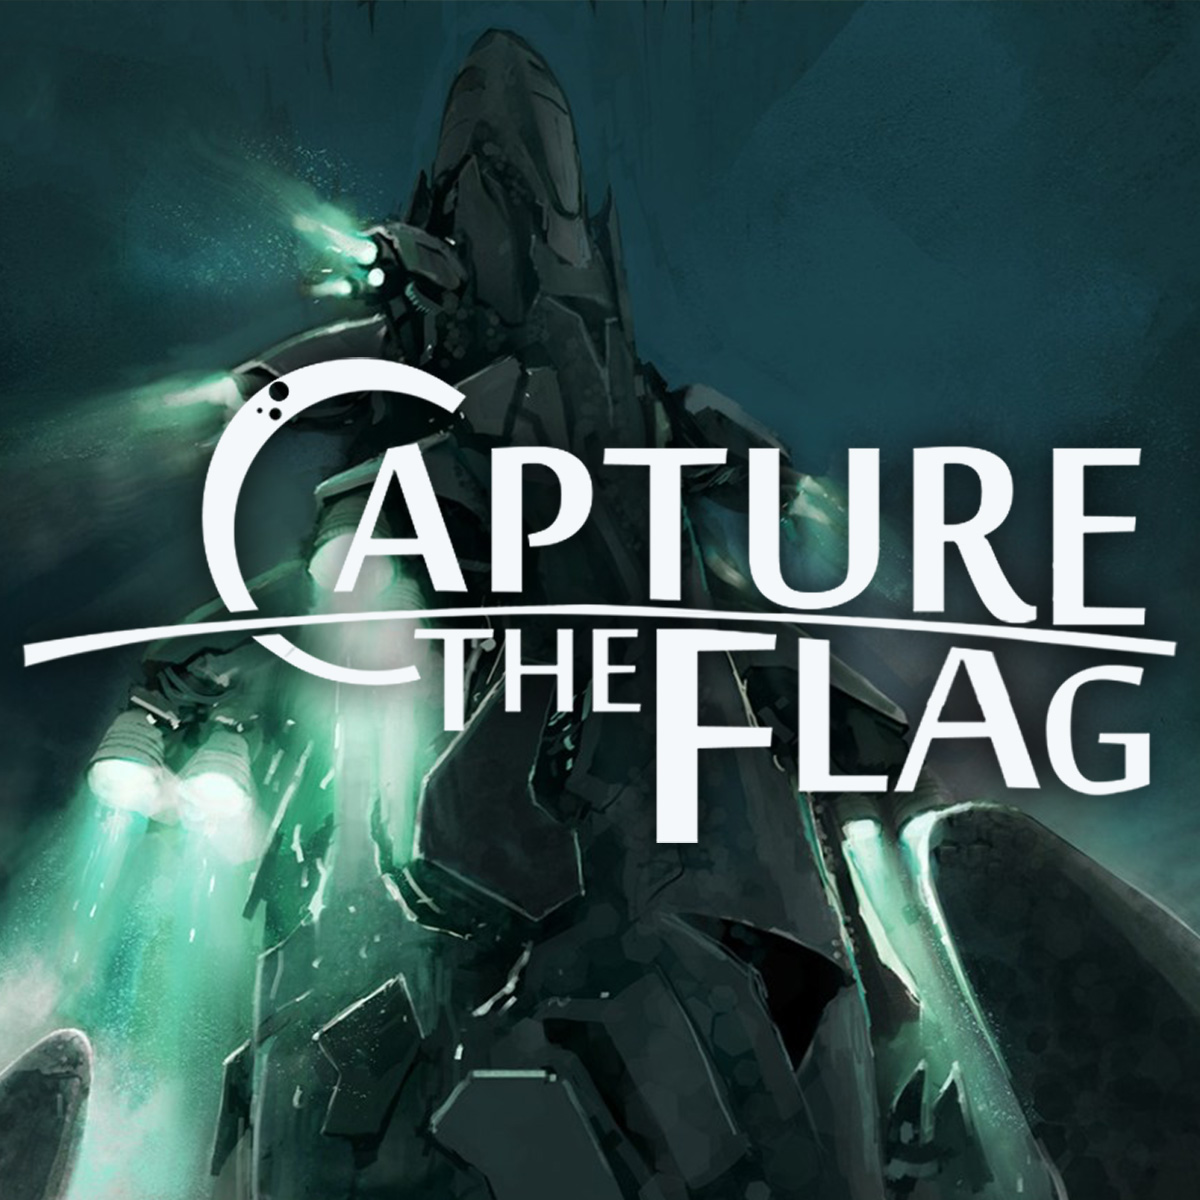 Capture The Flag Concept